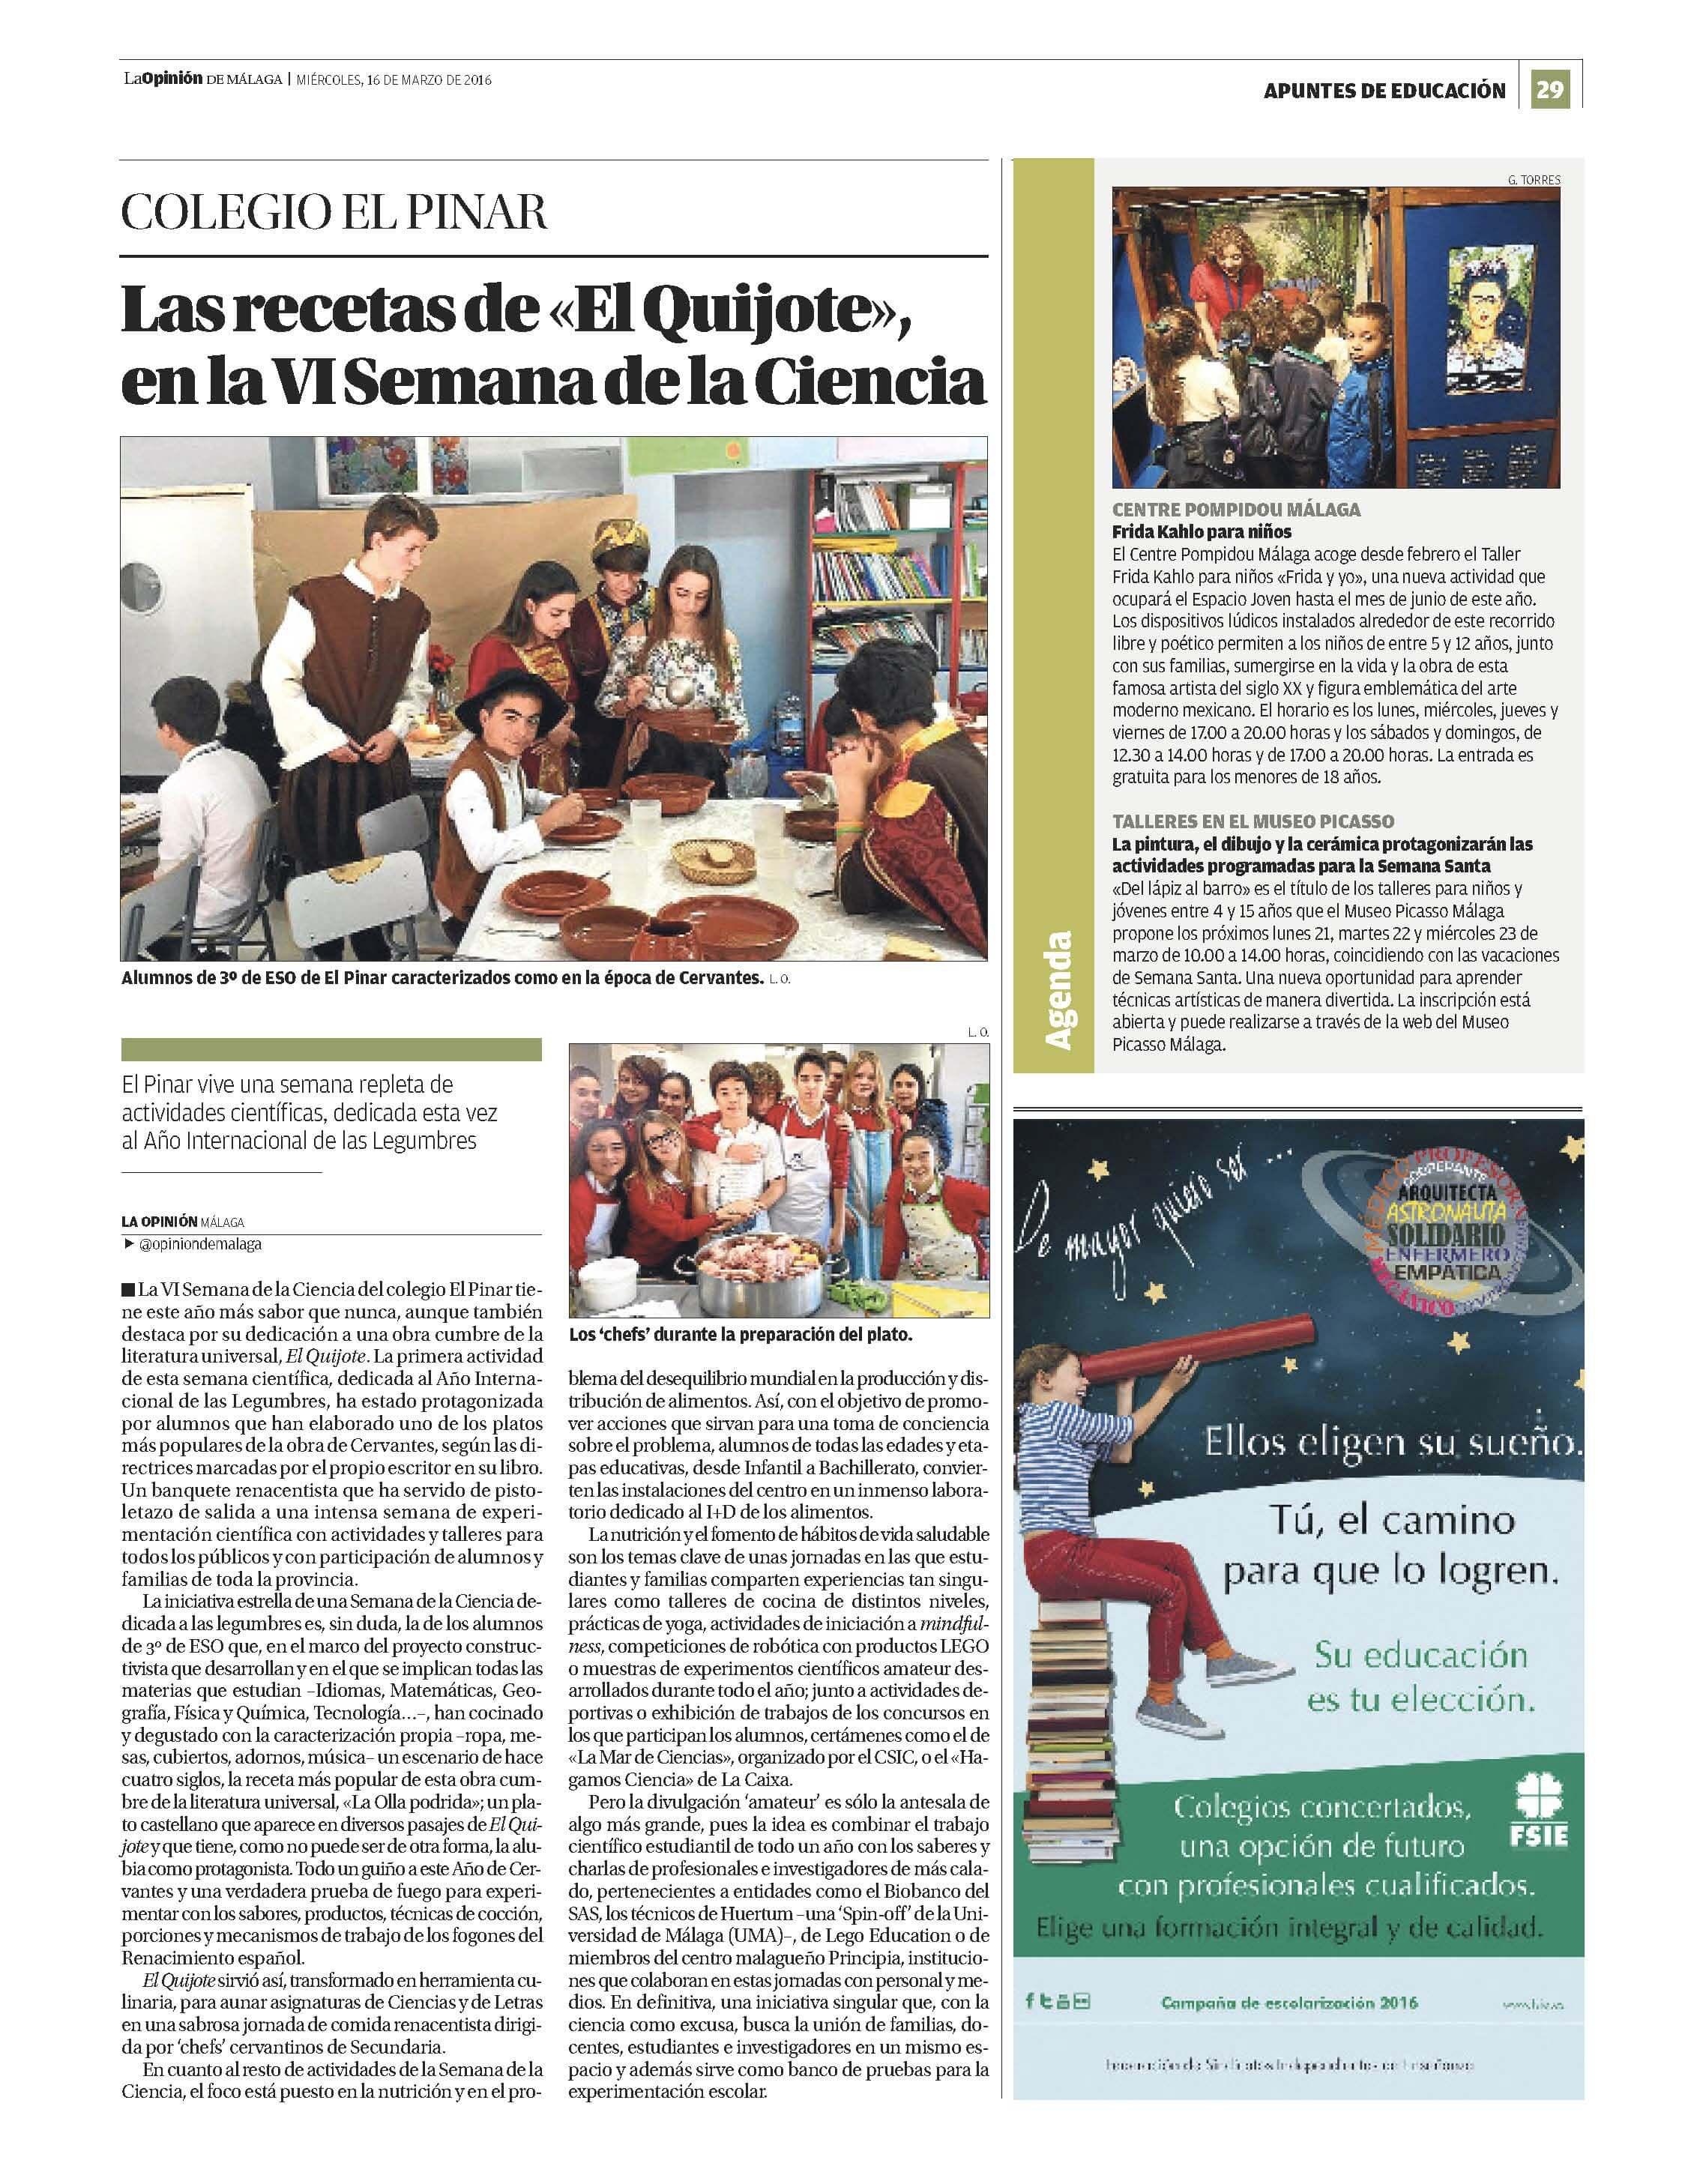 Reportaje de la Semana de la Ciencia y La Opinión de Málaga y colegio privado El Pinar